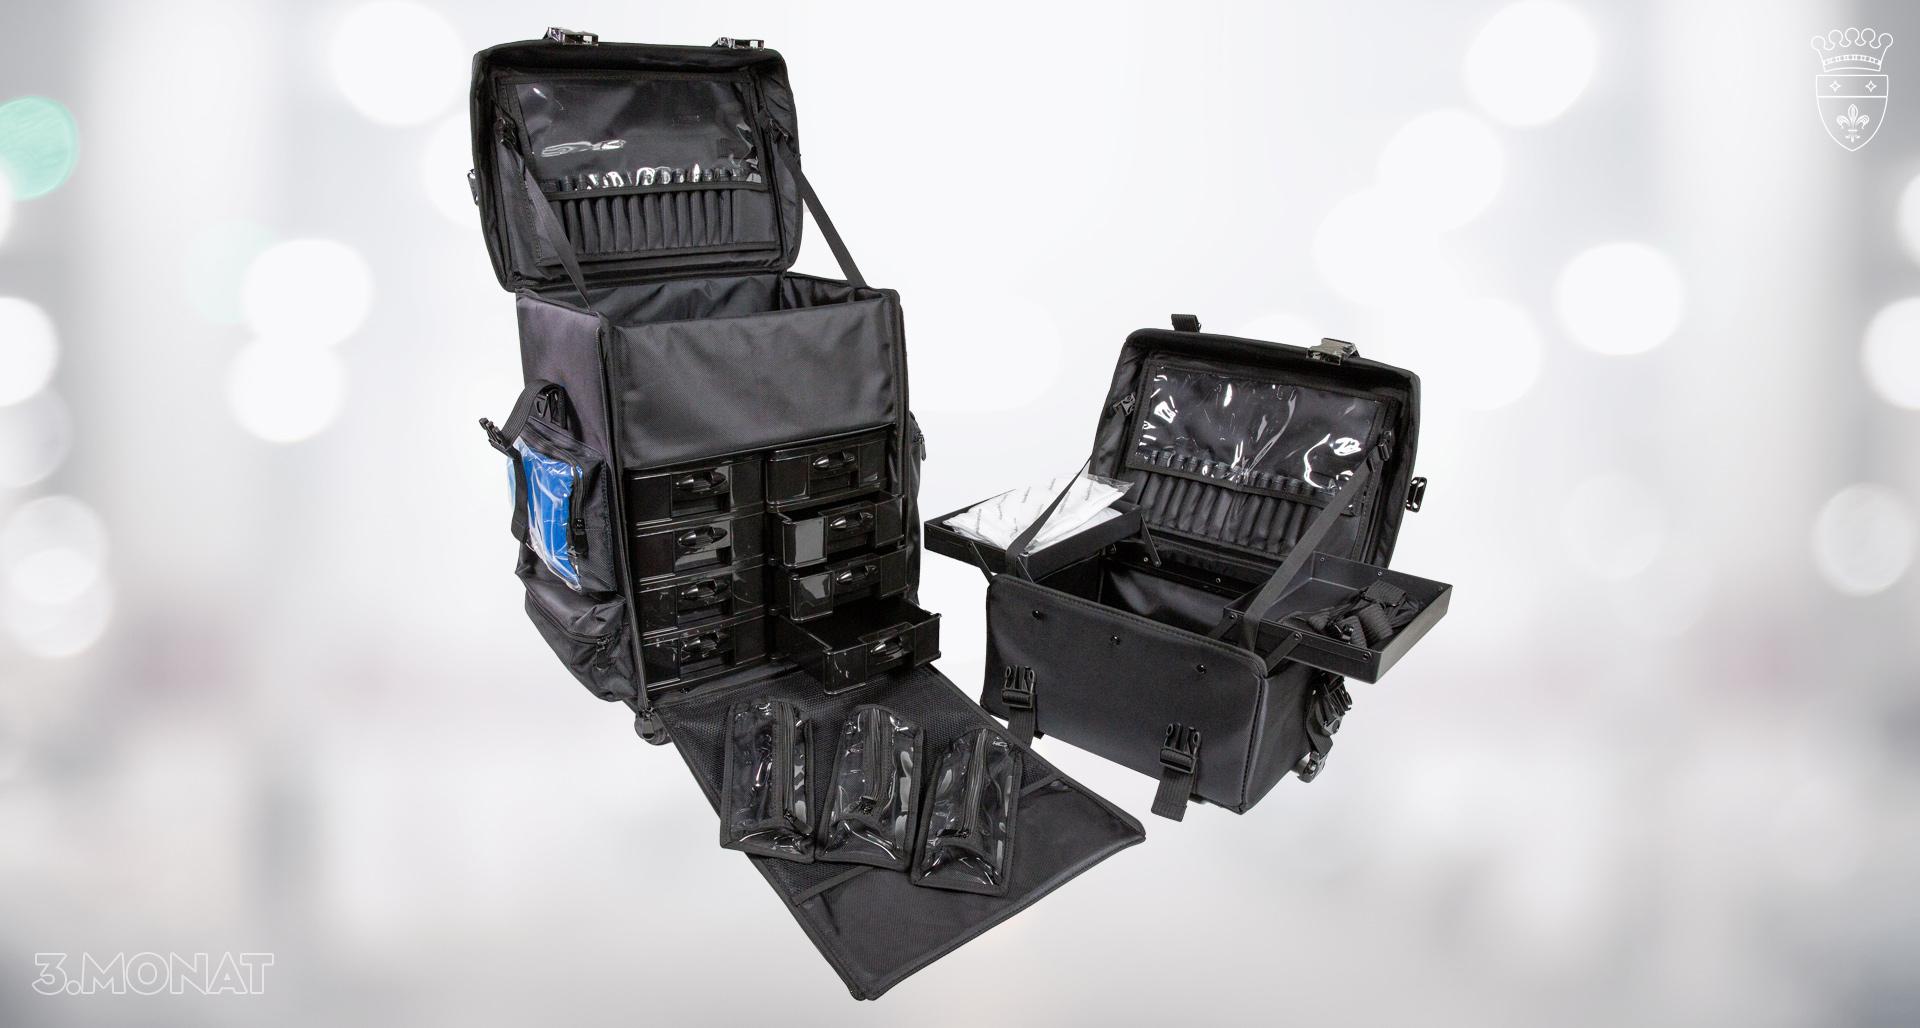 3m-koffer